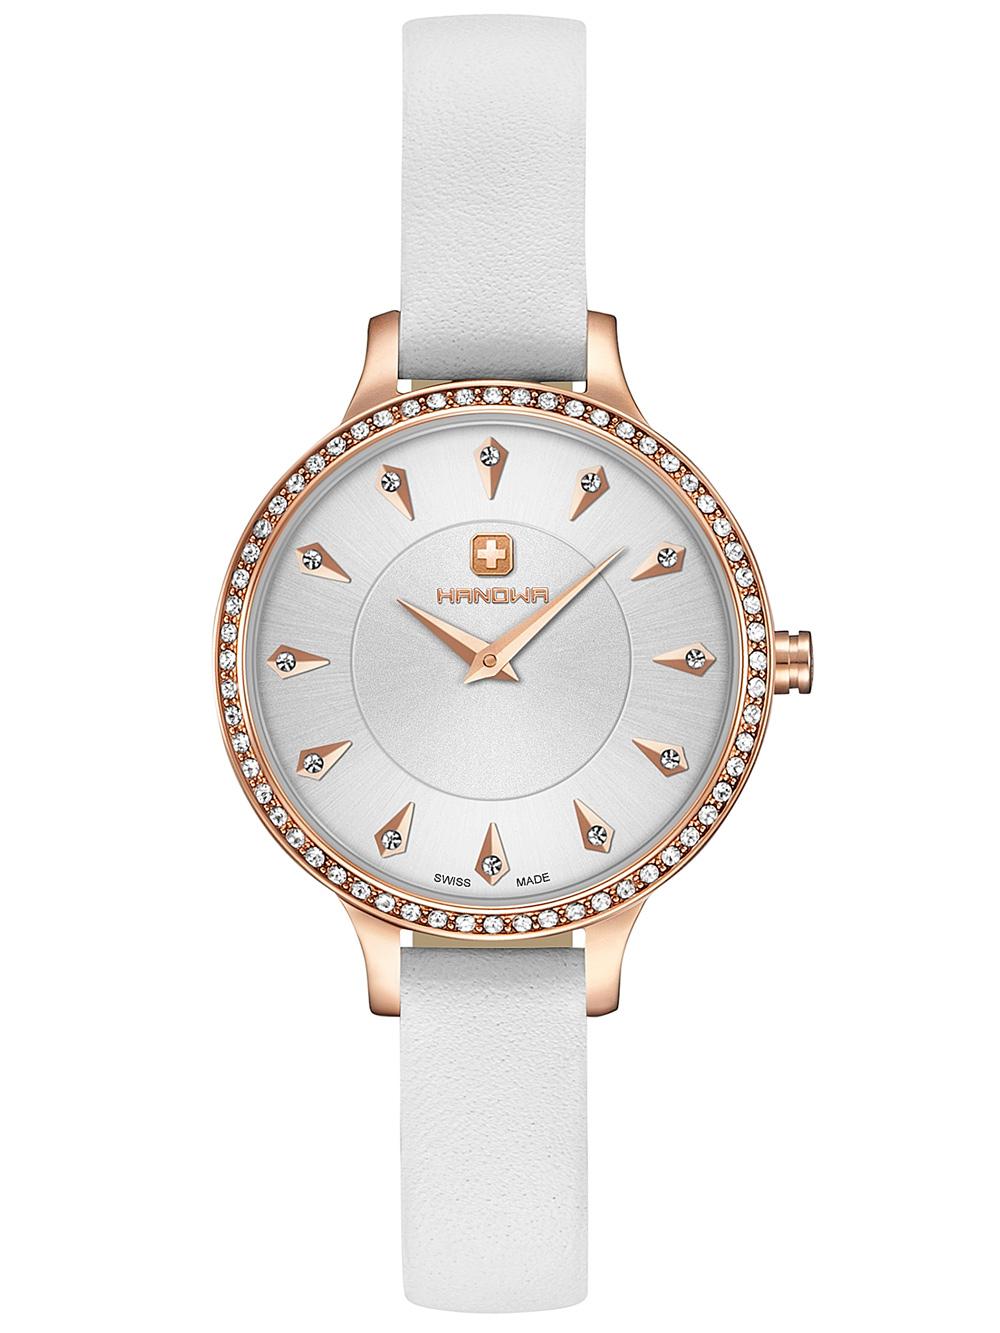 Uhren - Hanowa 16 8009.09.001SET Amelia Set mit Halskette Damen 30mm 3ATM  - Onlineshop Timeshop24